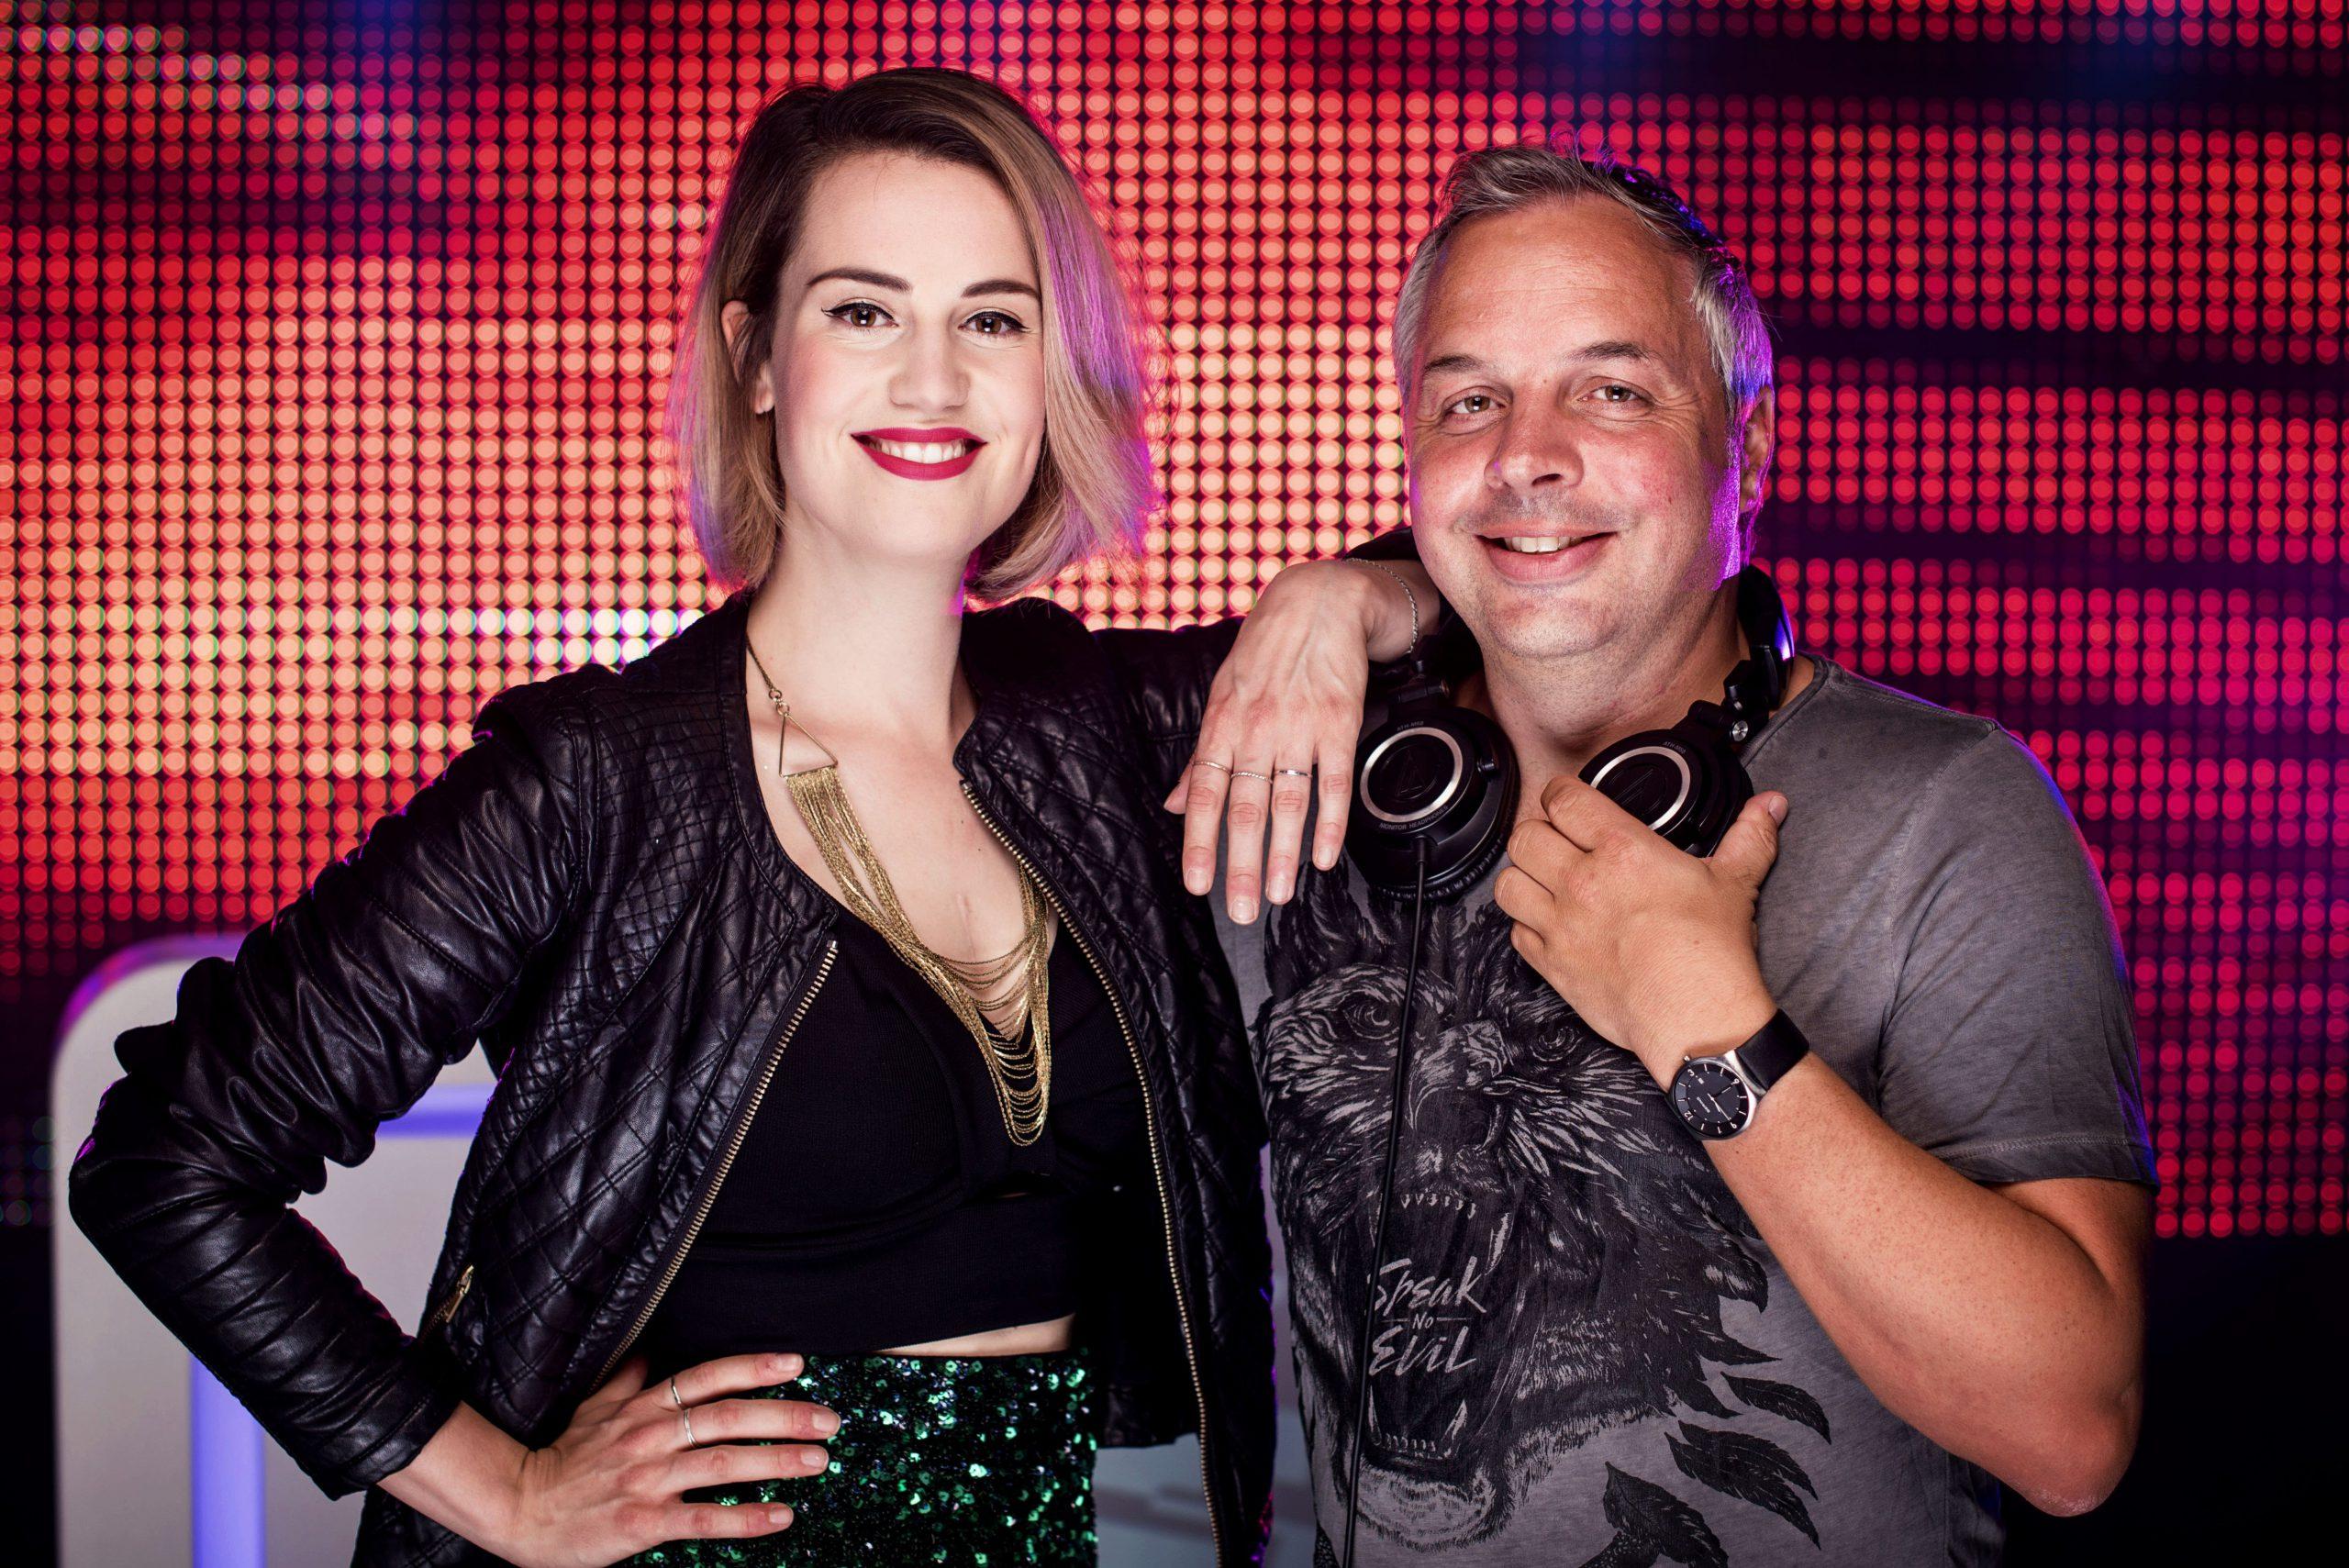 DJ Rich en Laura | Artiest huren bij Swinging.nl